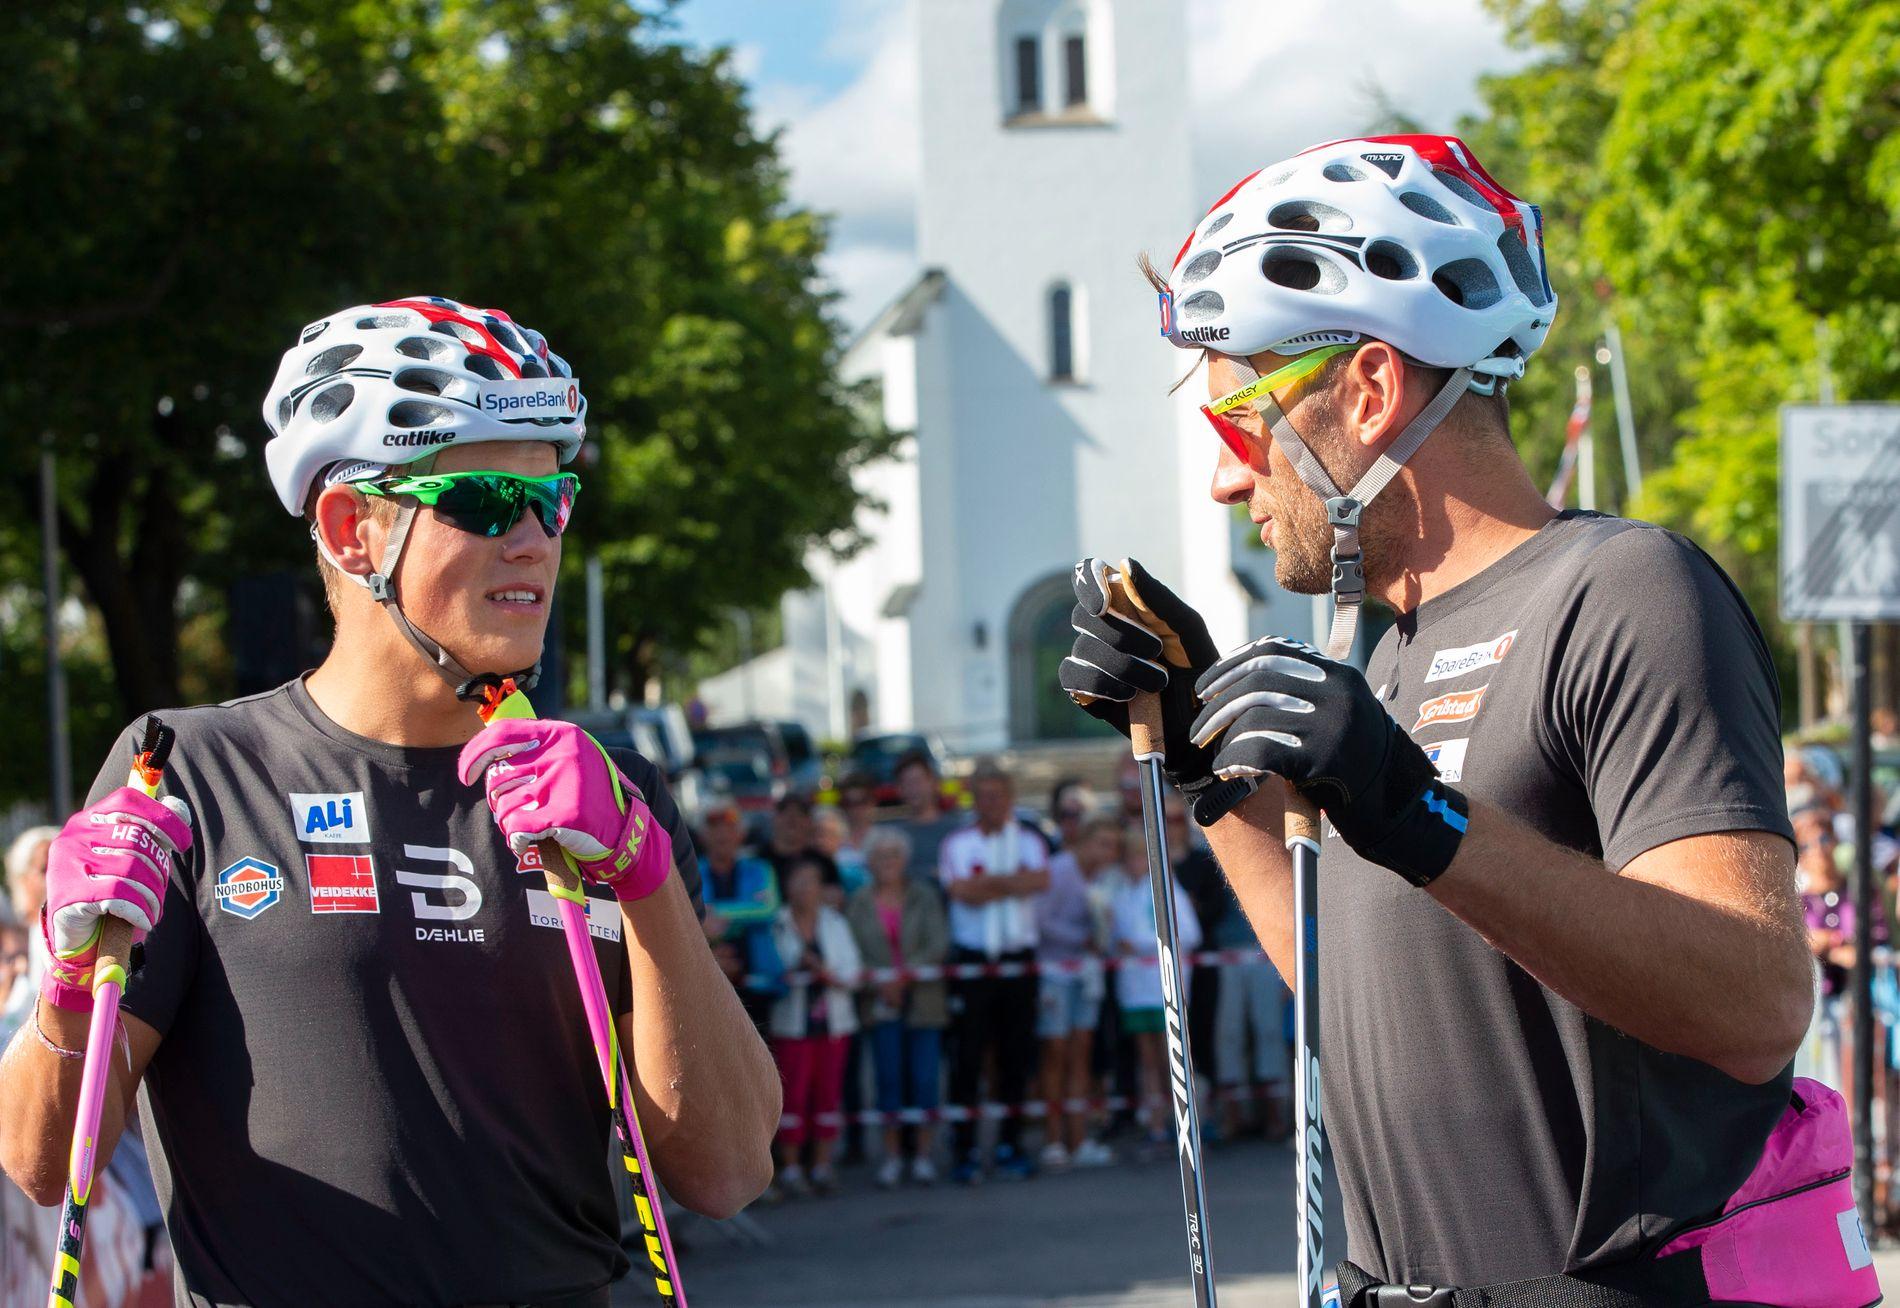 SKISTJERNER: Johannes Høsflot Klæbo og Petter Northug.